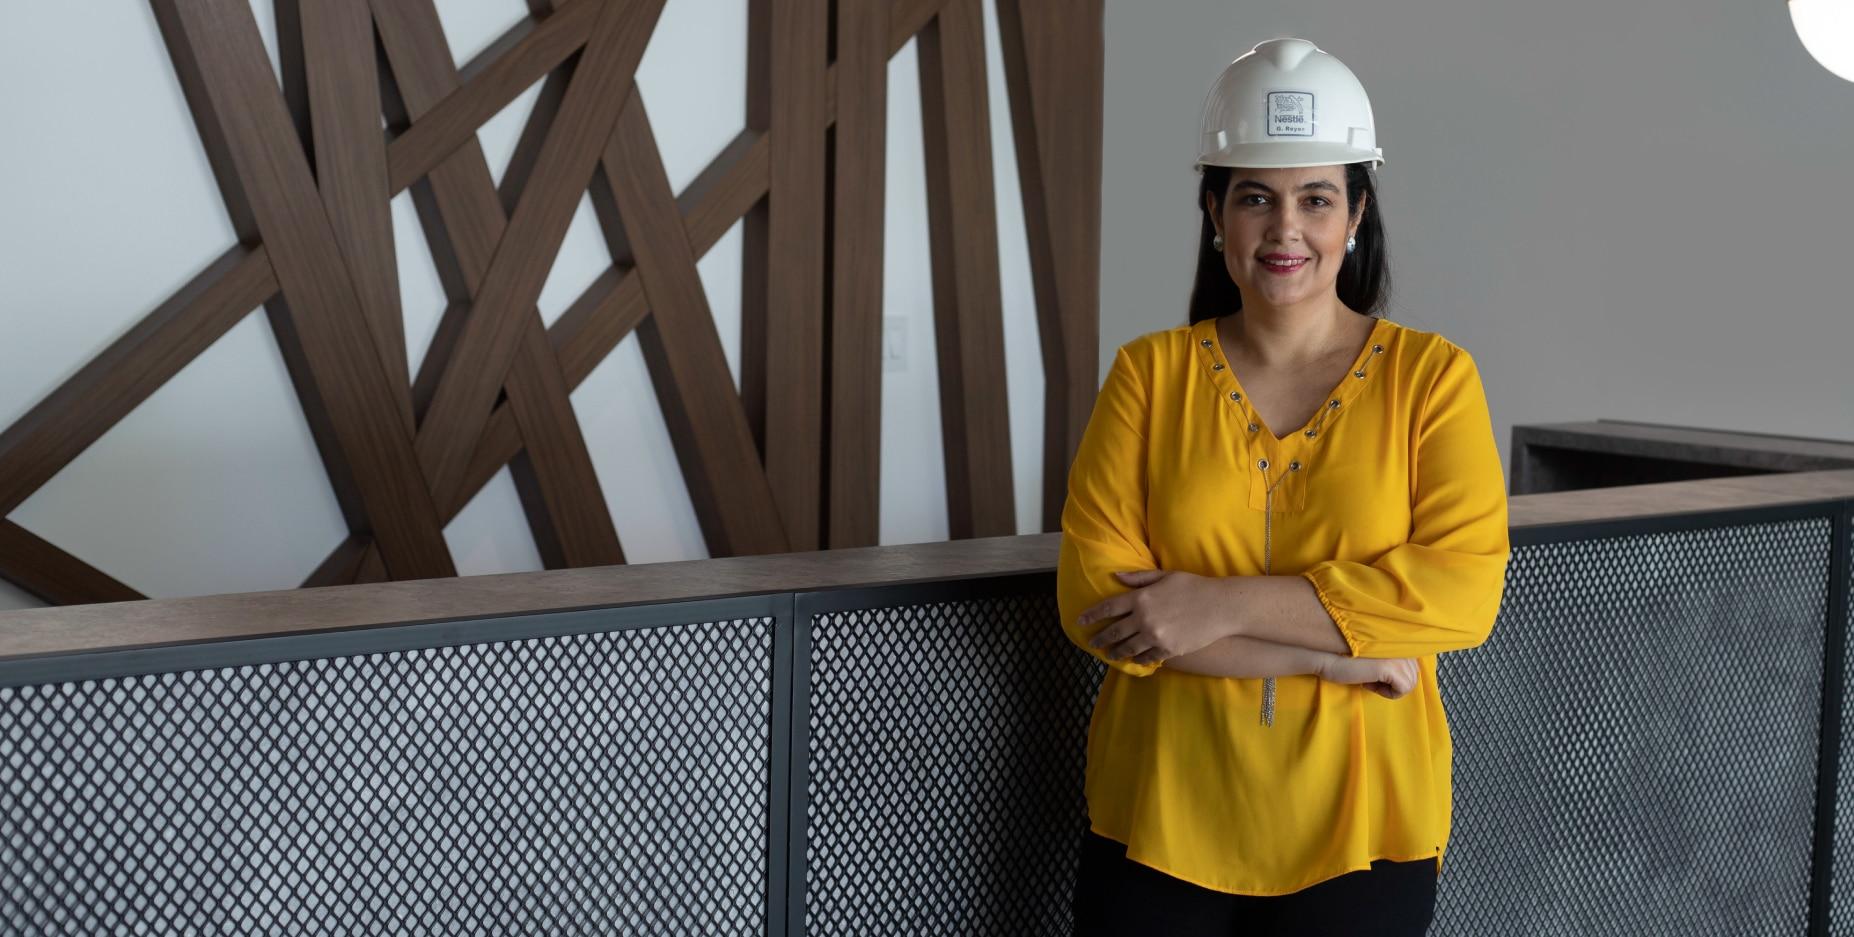 Nestlé, Una Compañía que Promueve el Liderazgo Femenino, la Inclusión y la Diversidad